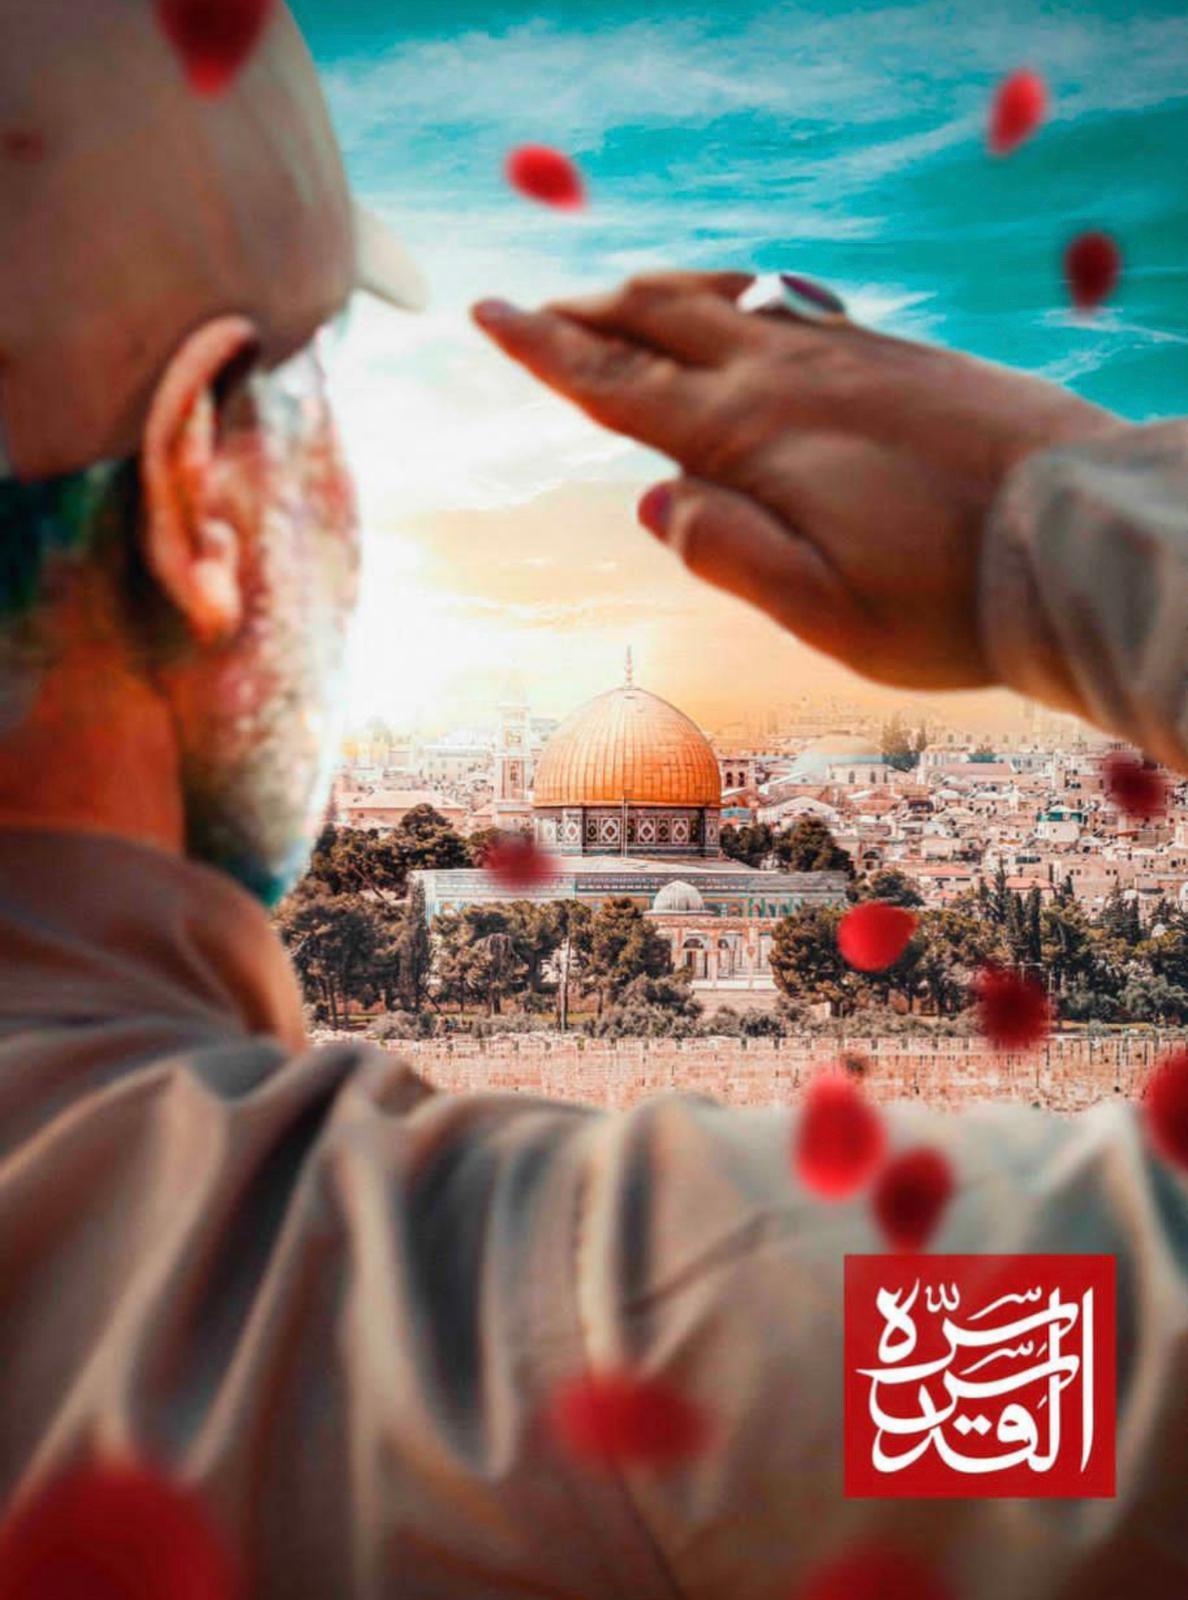 Gazze'ye Silah Ulaştırılmasında General Süleymani'nin ve Beşar Esad'ın Rolleri Neydi?